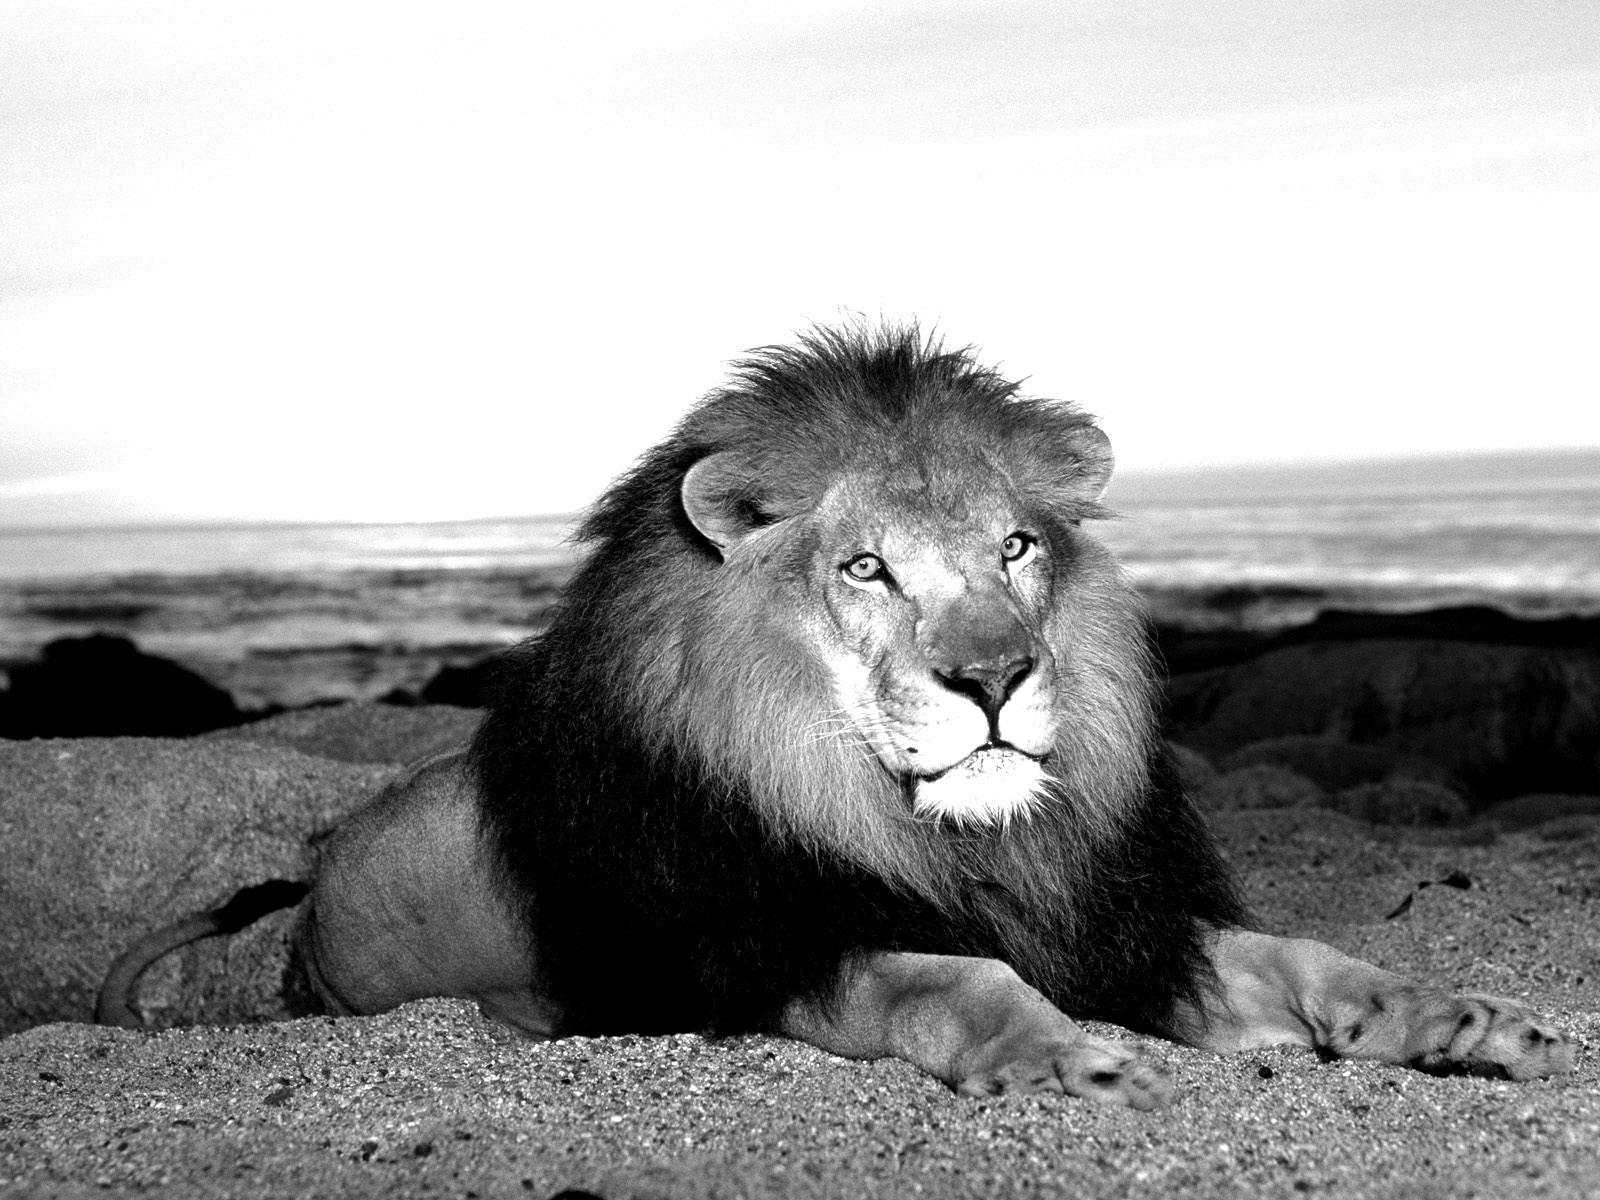 wild_animal_lion_black_and_white | Fierce Animals | Pinterest